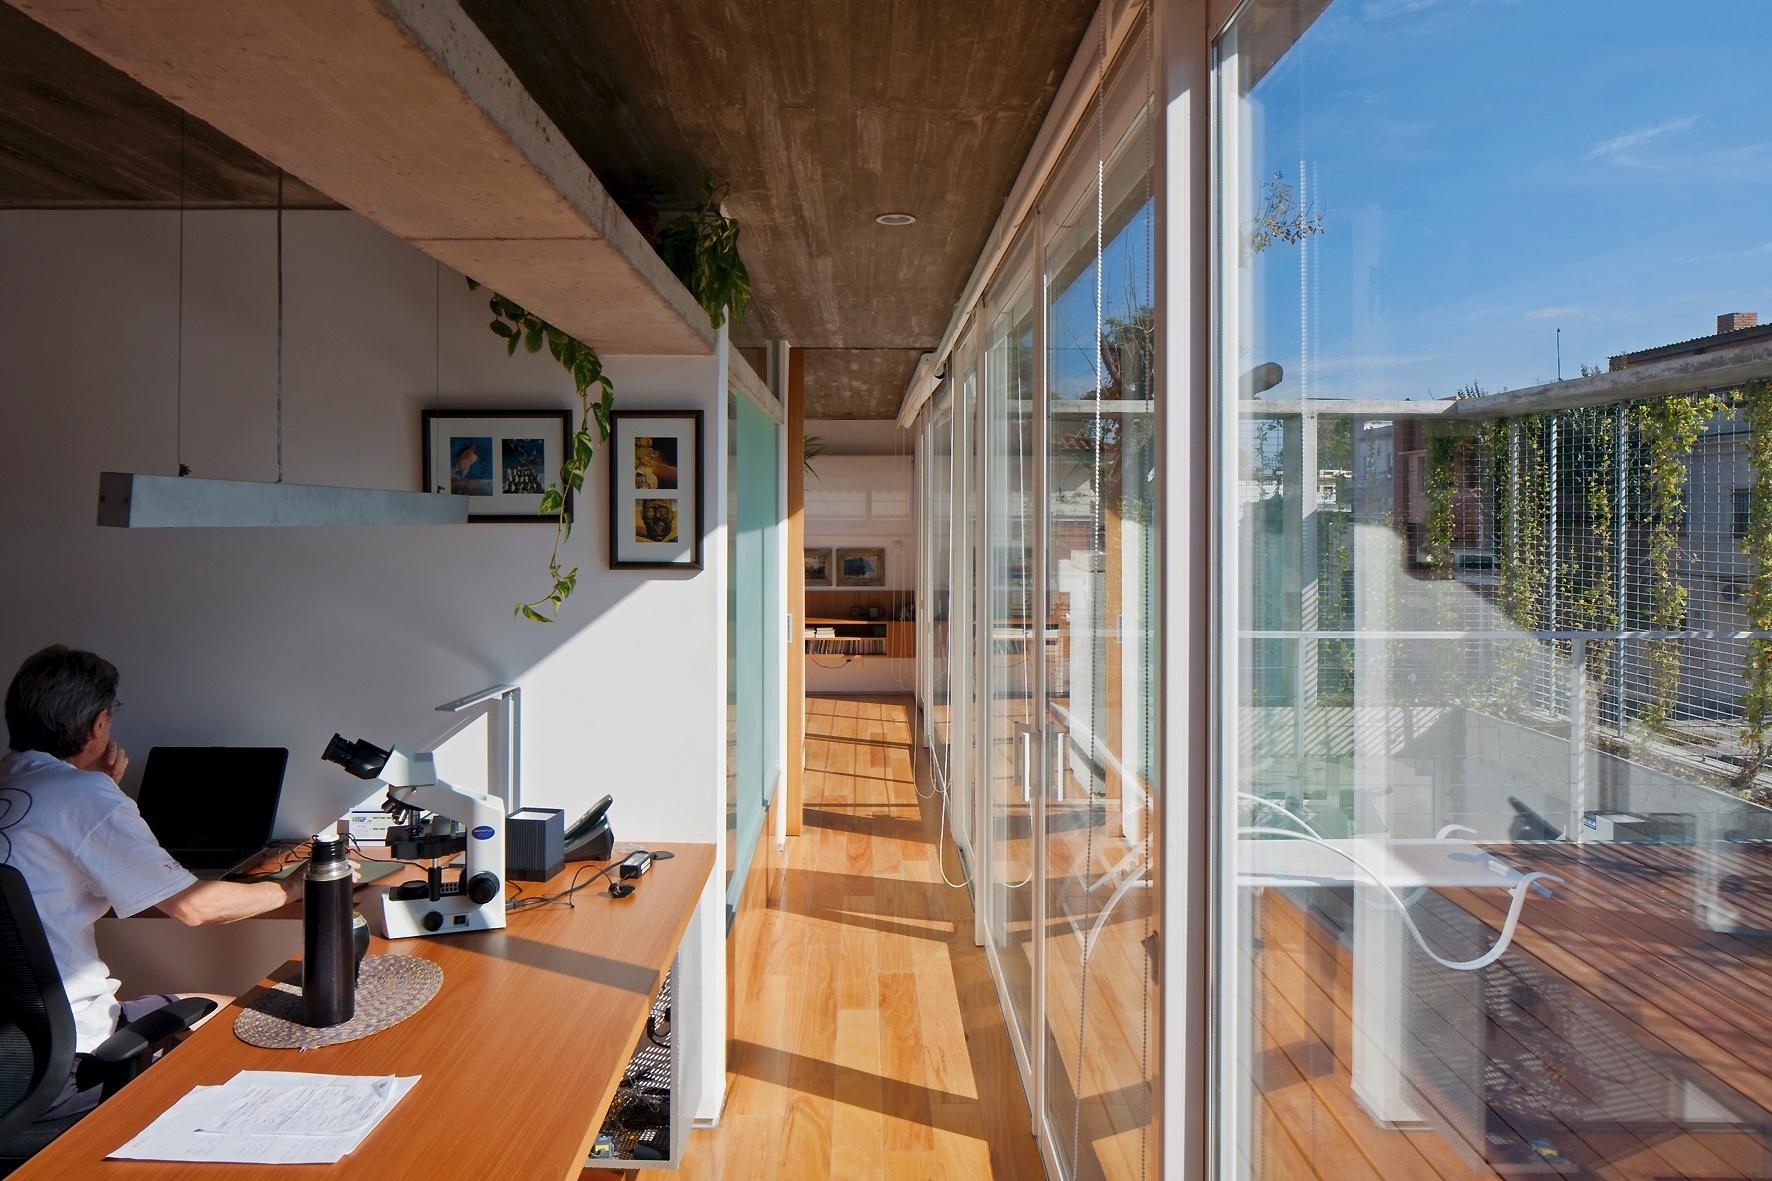 O escritório se liga ao dormitório principal (ao fundo) por um corredor junto às portas e fechamentos de vidro na casa Ibiray. A disposição dos cômodos aproveita amplamente a luz natural e faz a arquitetura de Lucho Oreggioni e Sonia Prieto mais fluida e leve